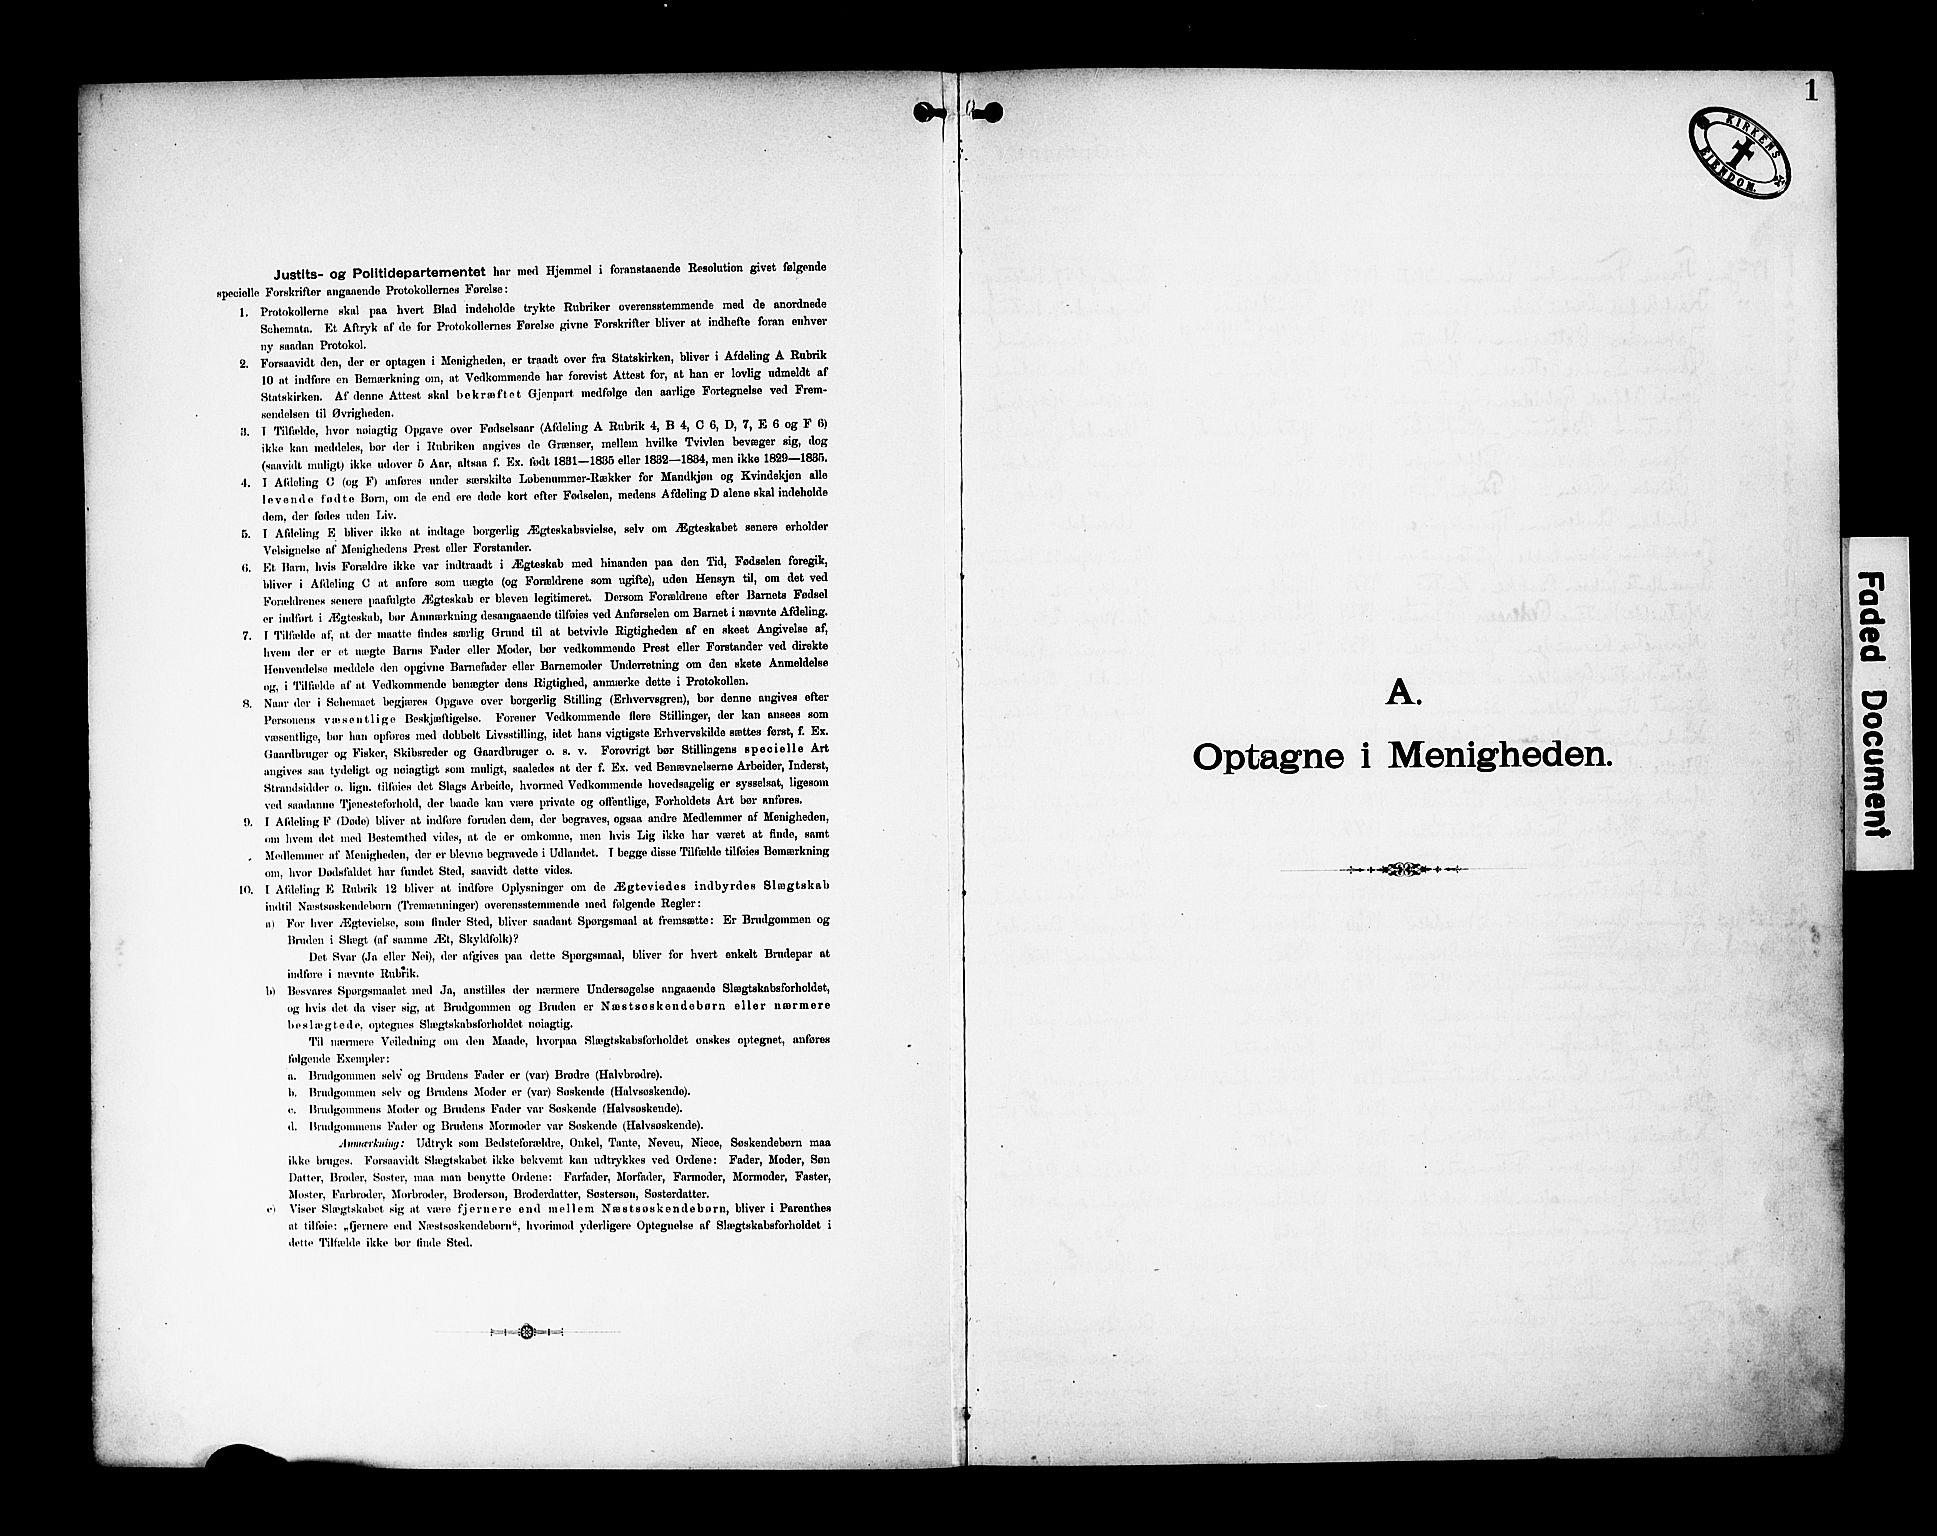 SAK, Den katolsk-apostoliske menighet, Kristiansand, F/Fa/L0002: Dissenterprotokoll nr. 2, 1896-1925, s. 1